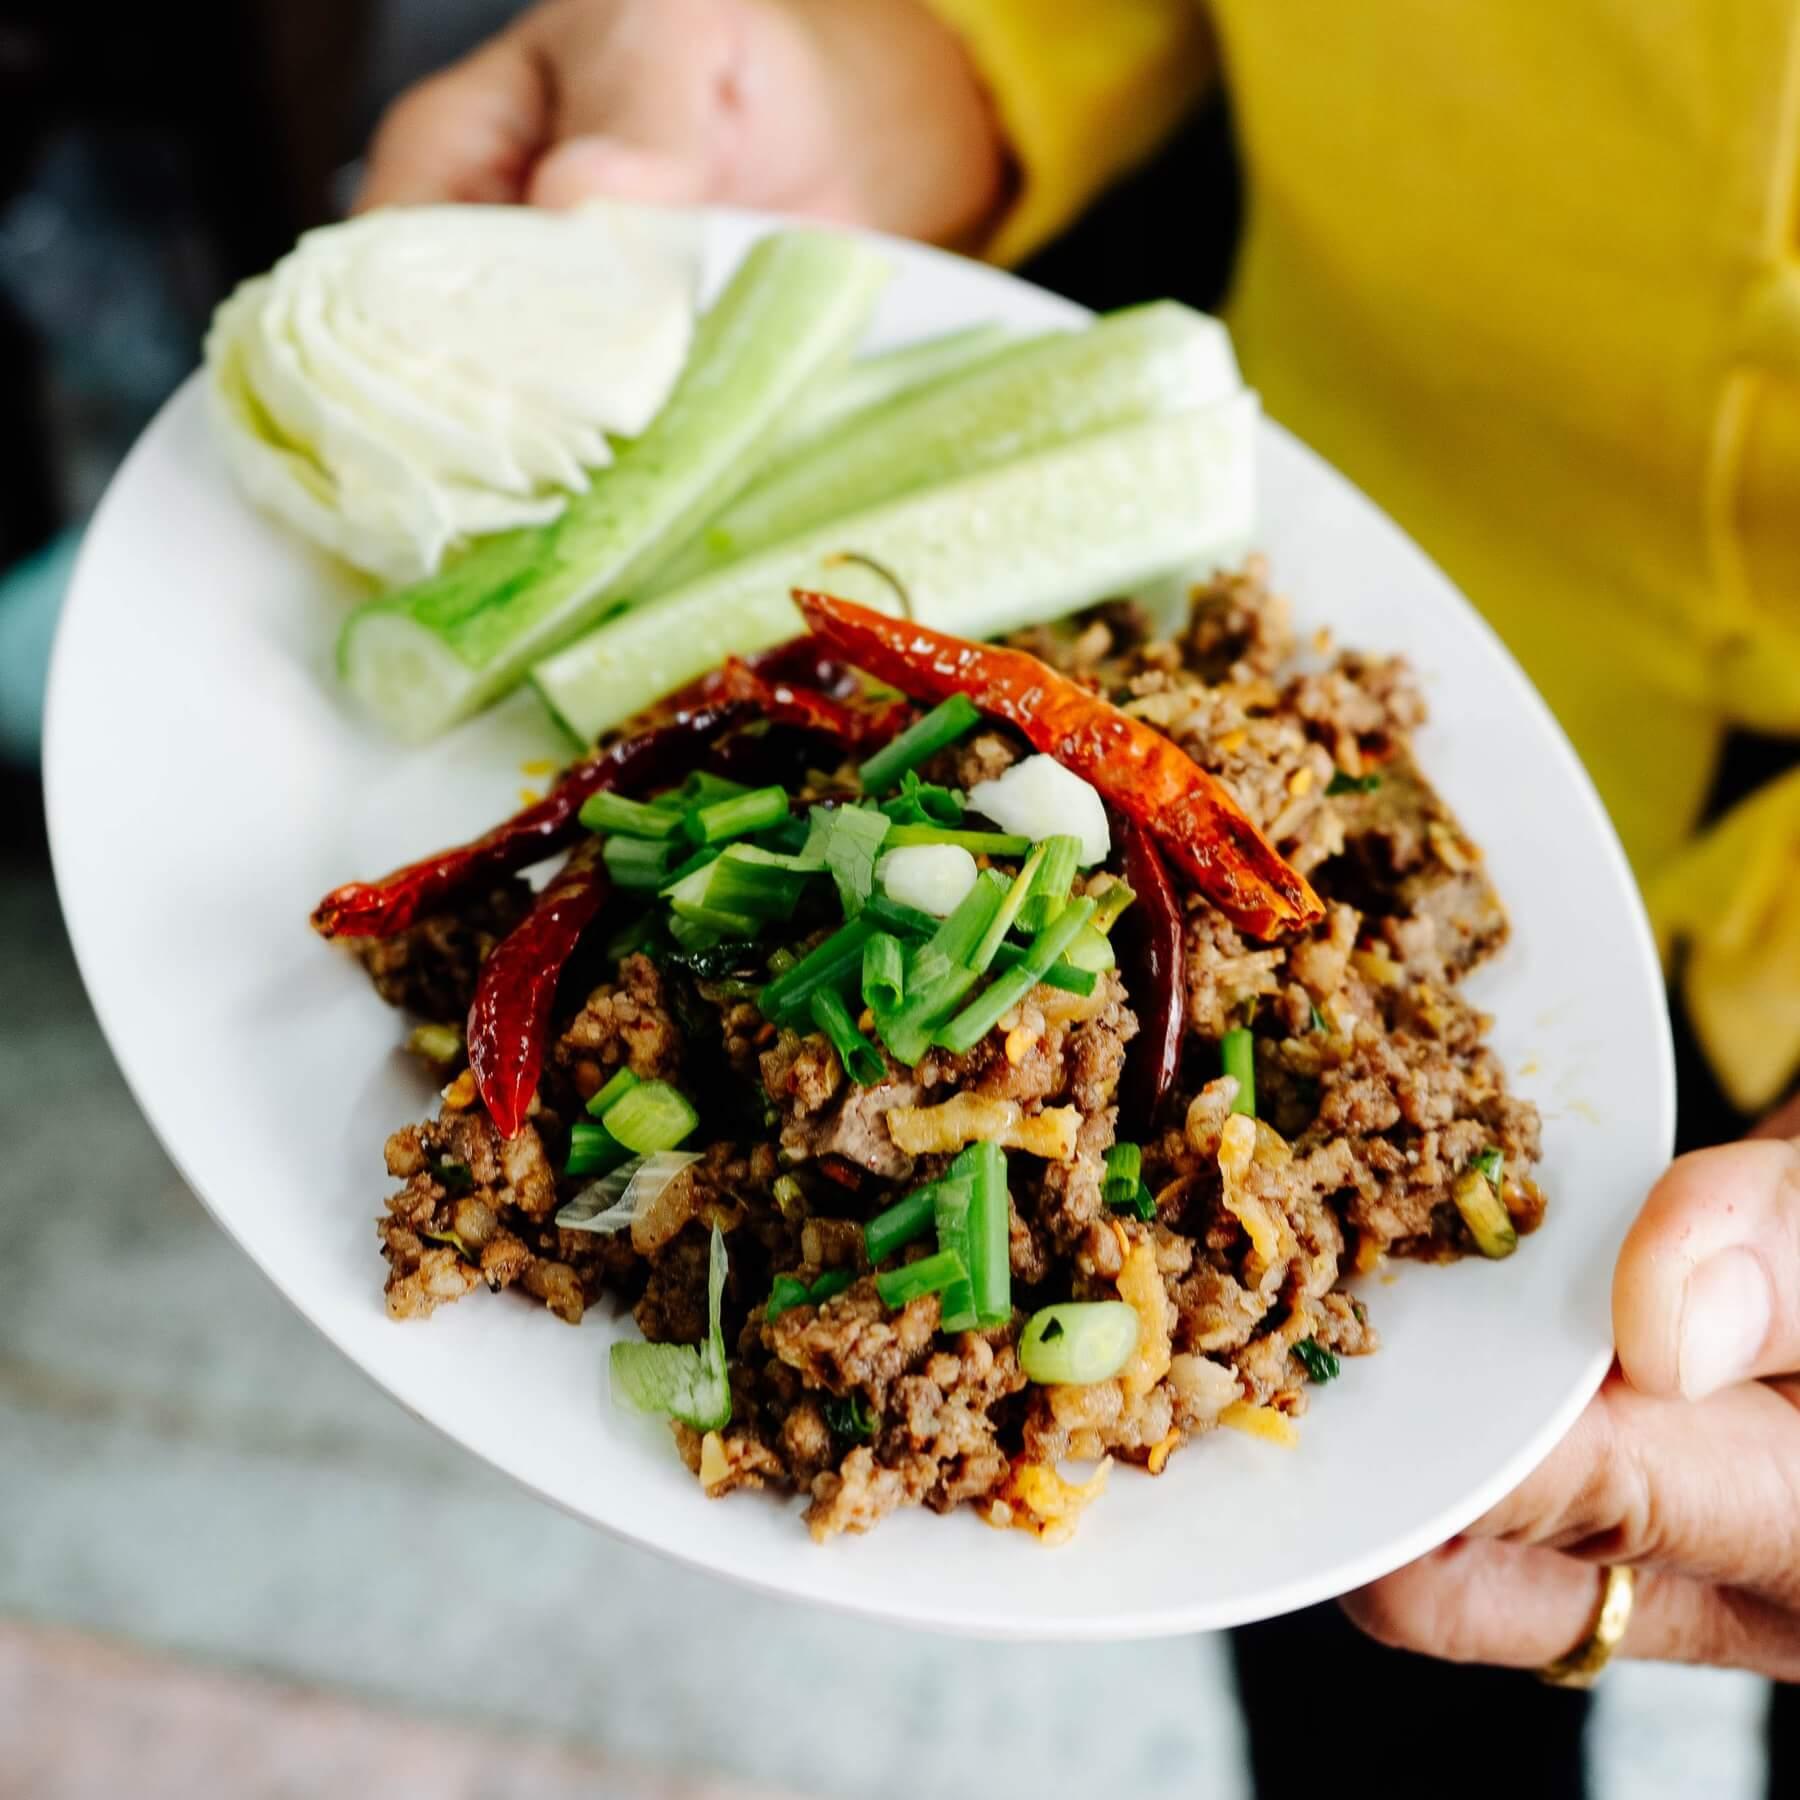 Laab Moo - Thai-Salat mit gehacktem Schweinefleisch - Laab Moo